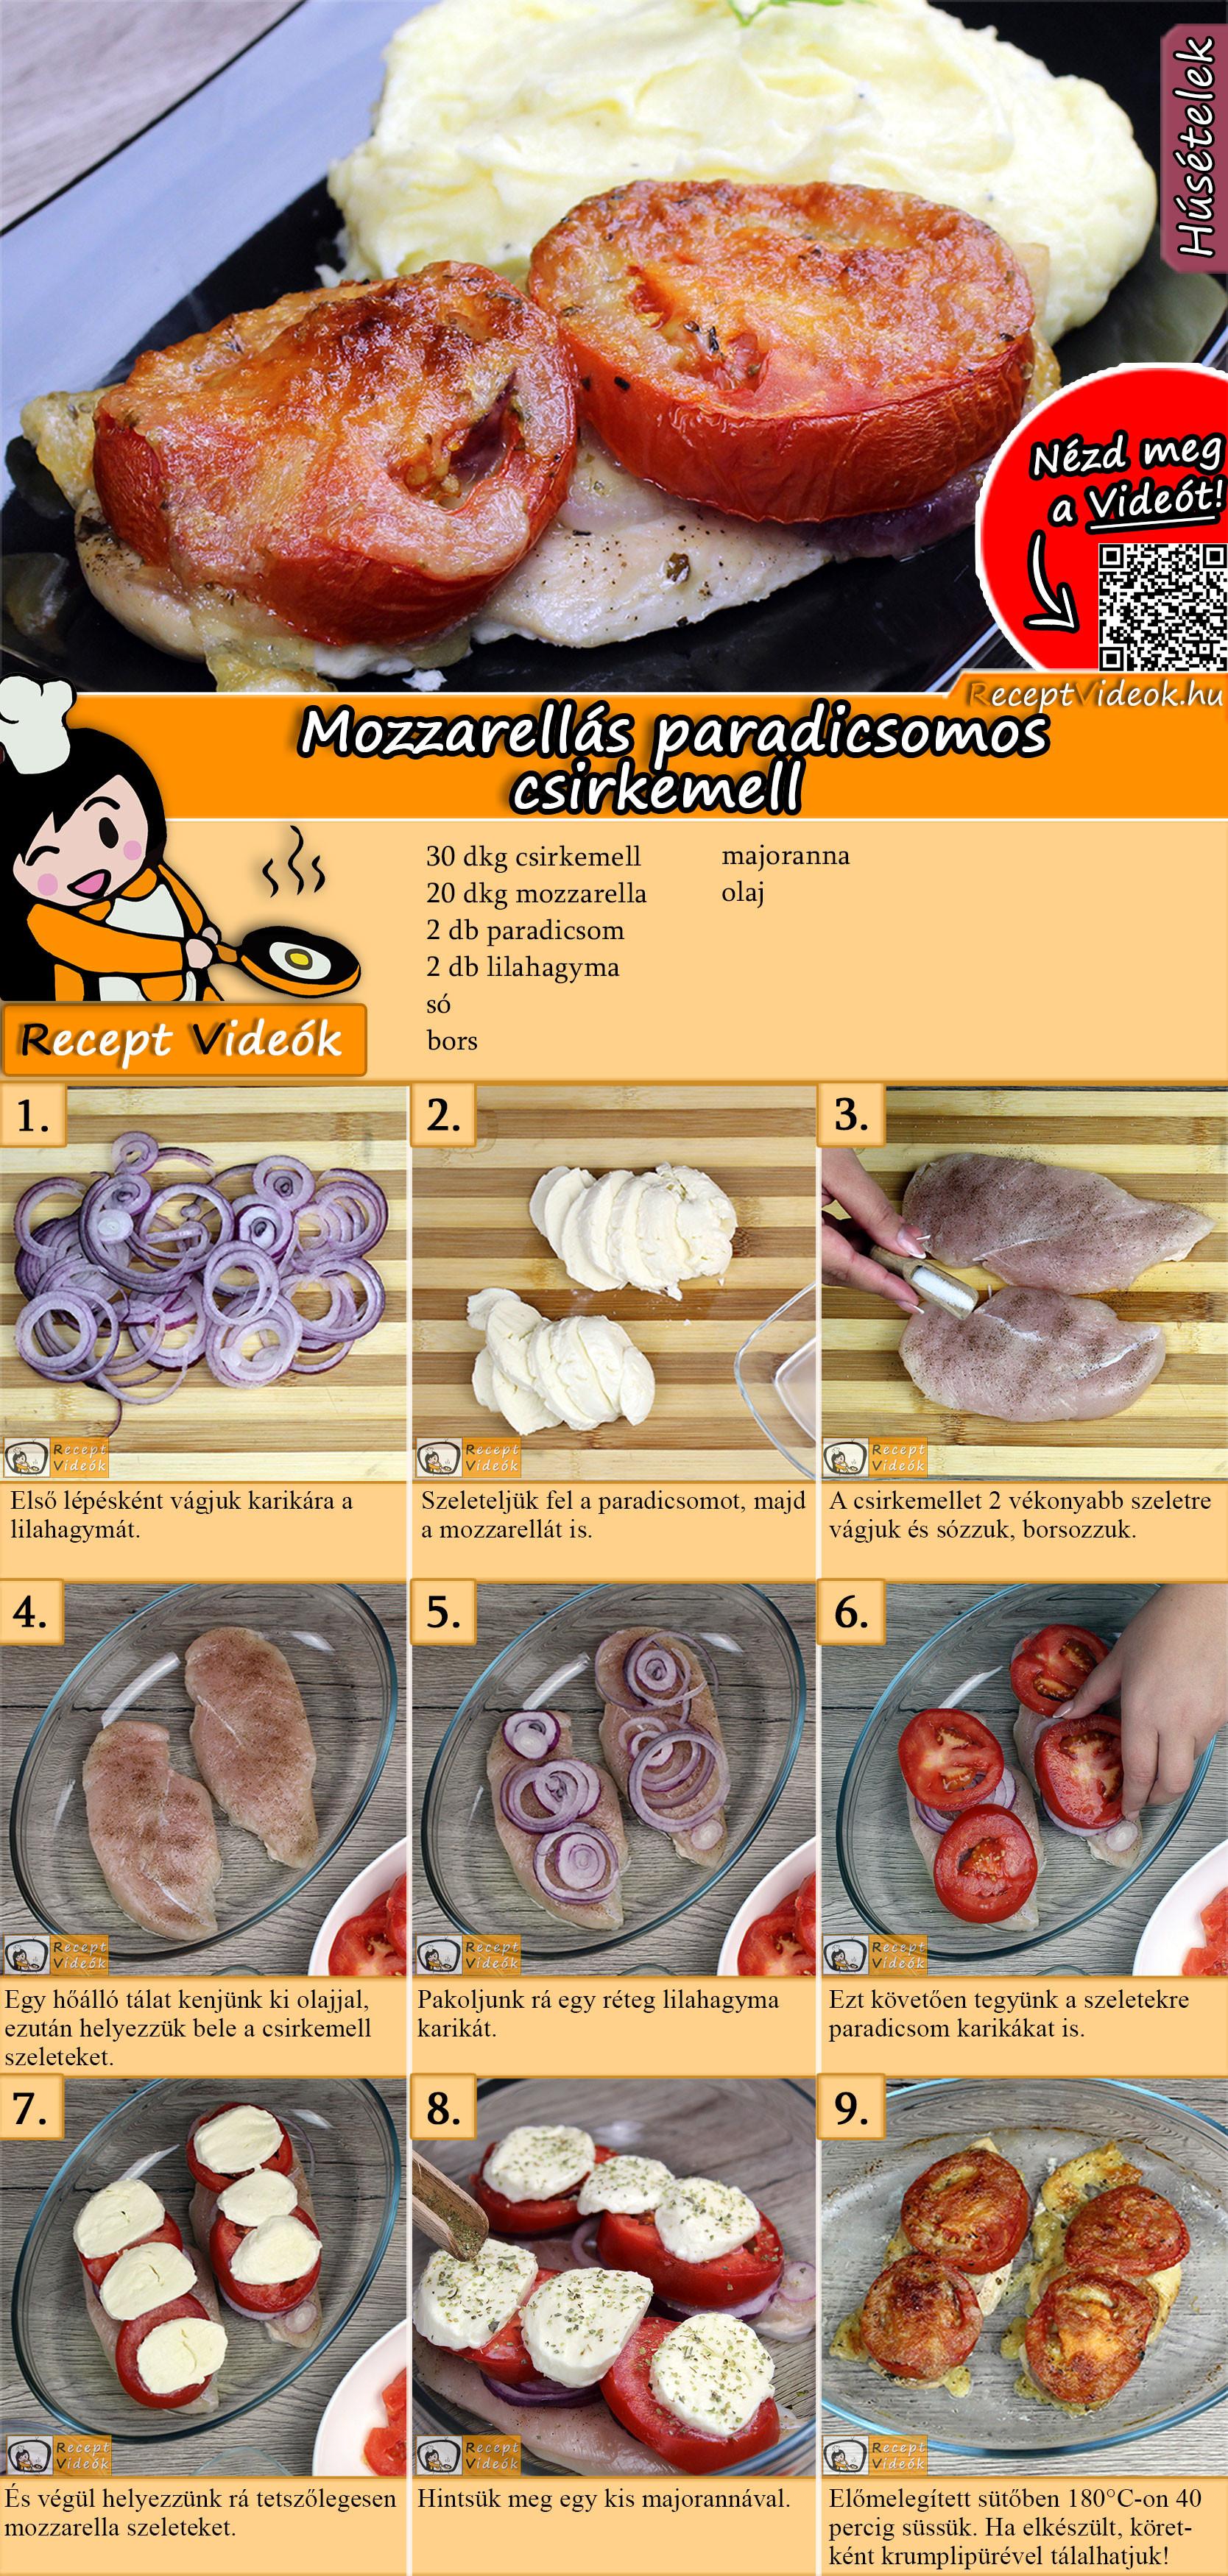 Mozzarellás paradicsomos csirkemell recept elkészítése videóval